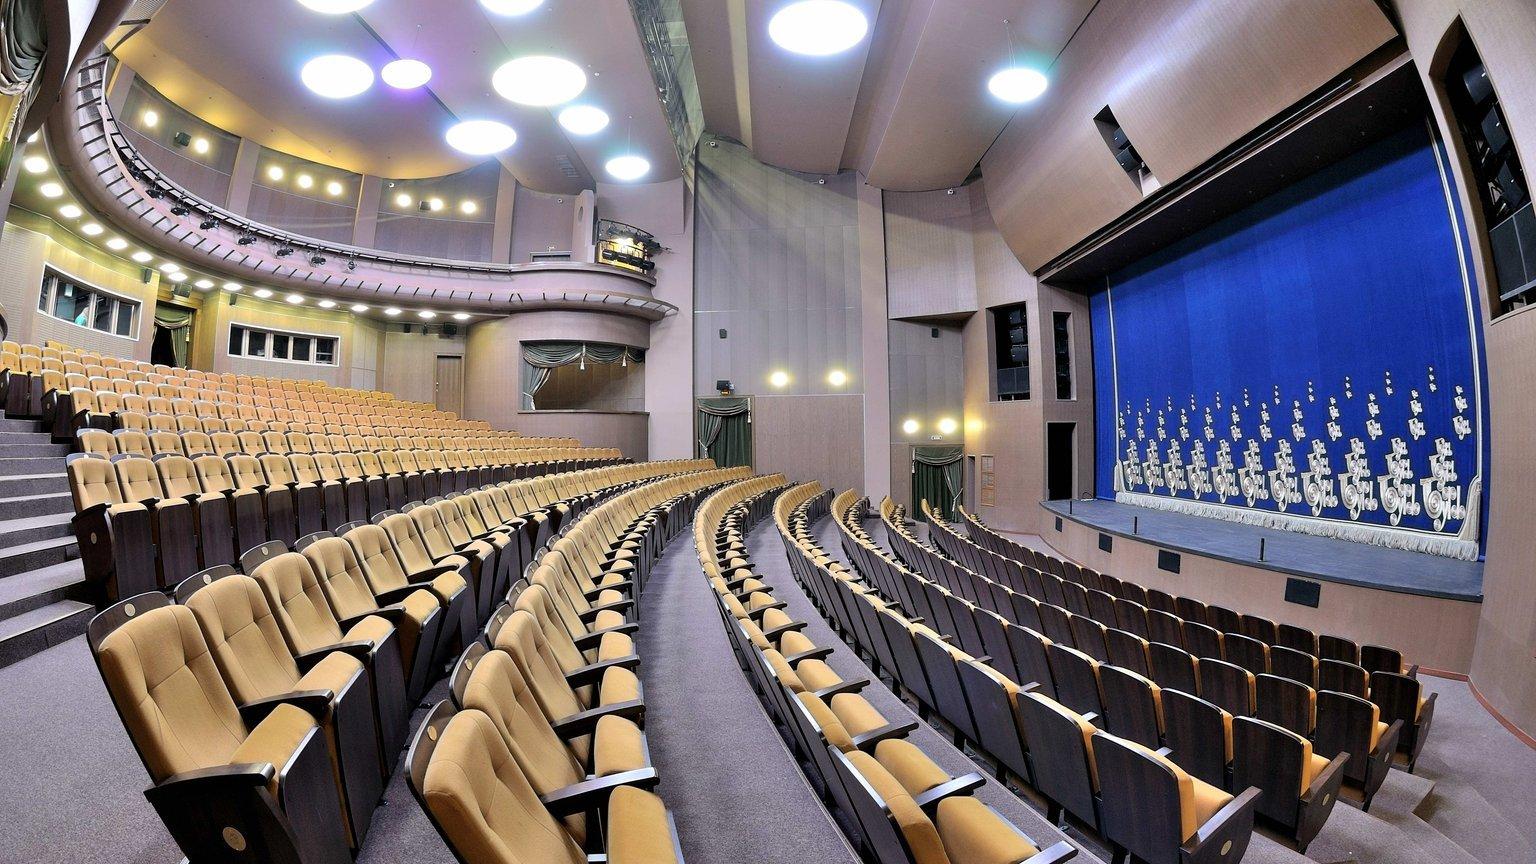 Санкт петербург афиша театр буфф билеты театр купить онлайн